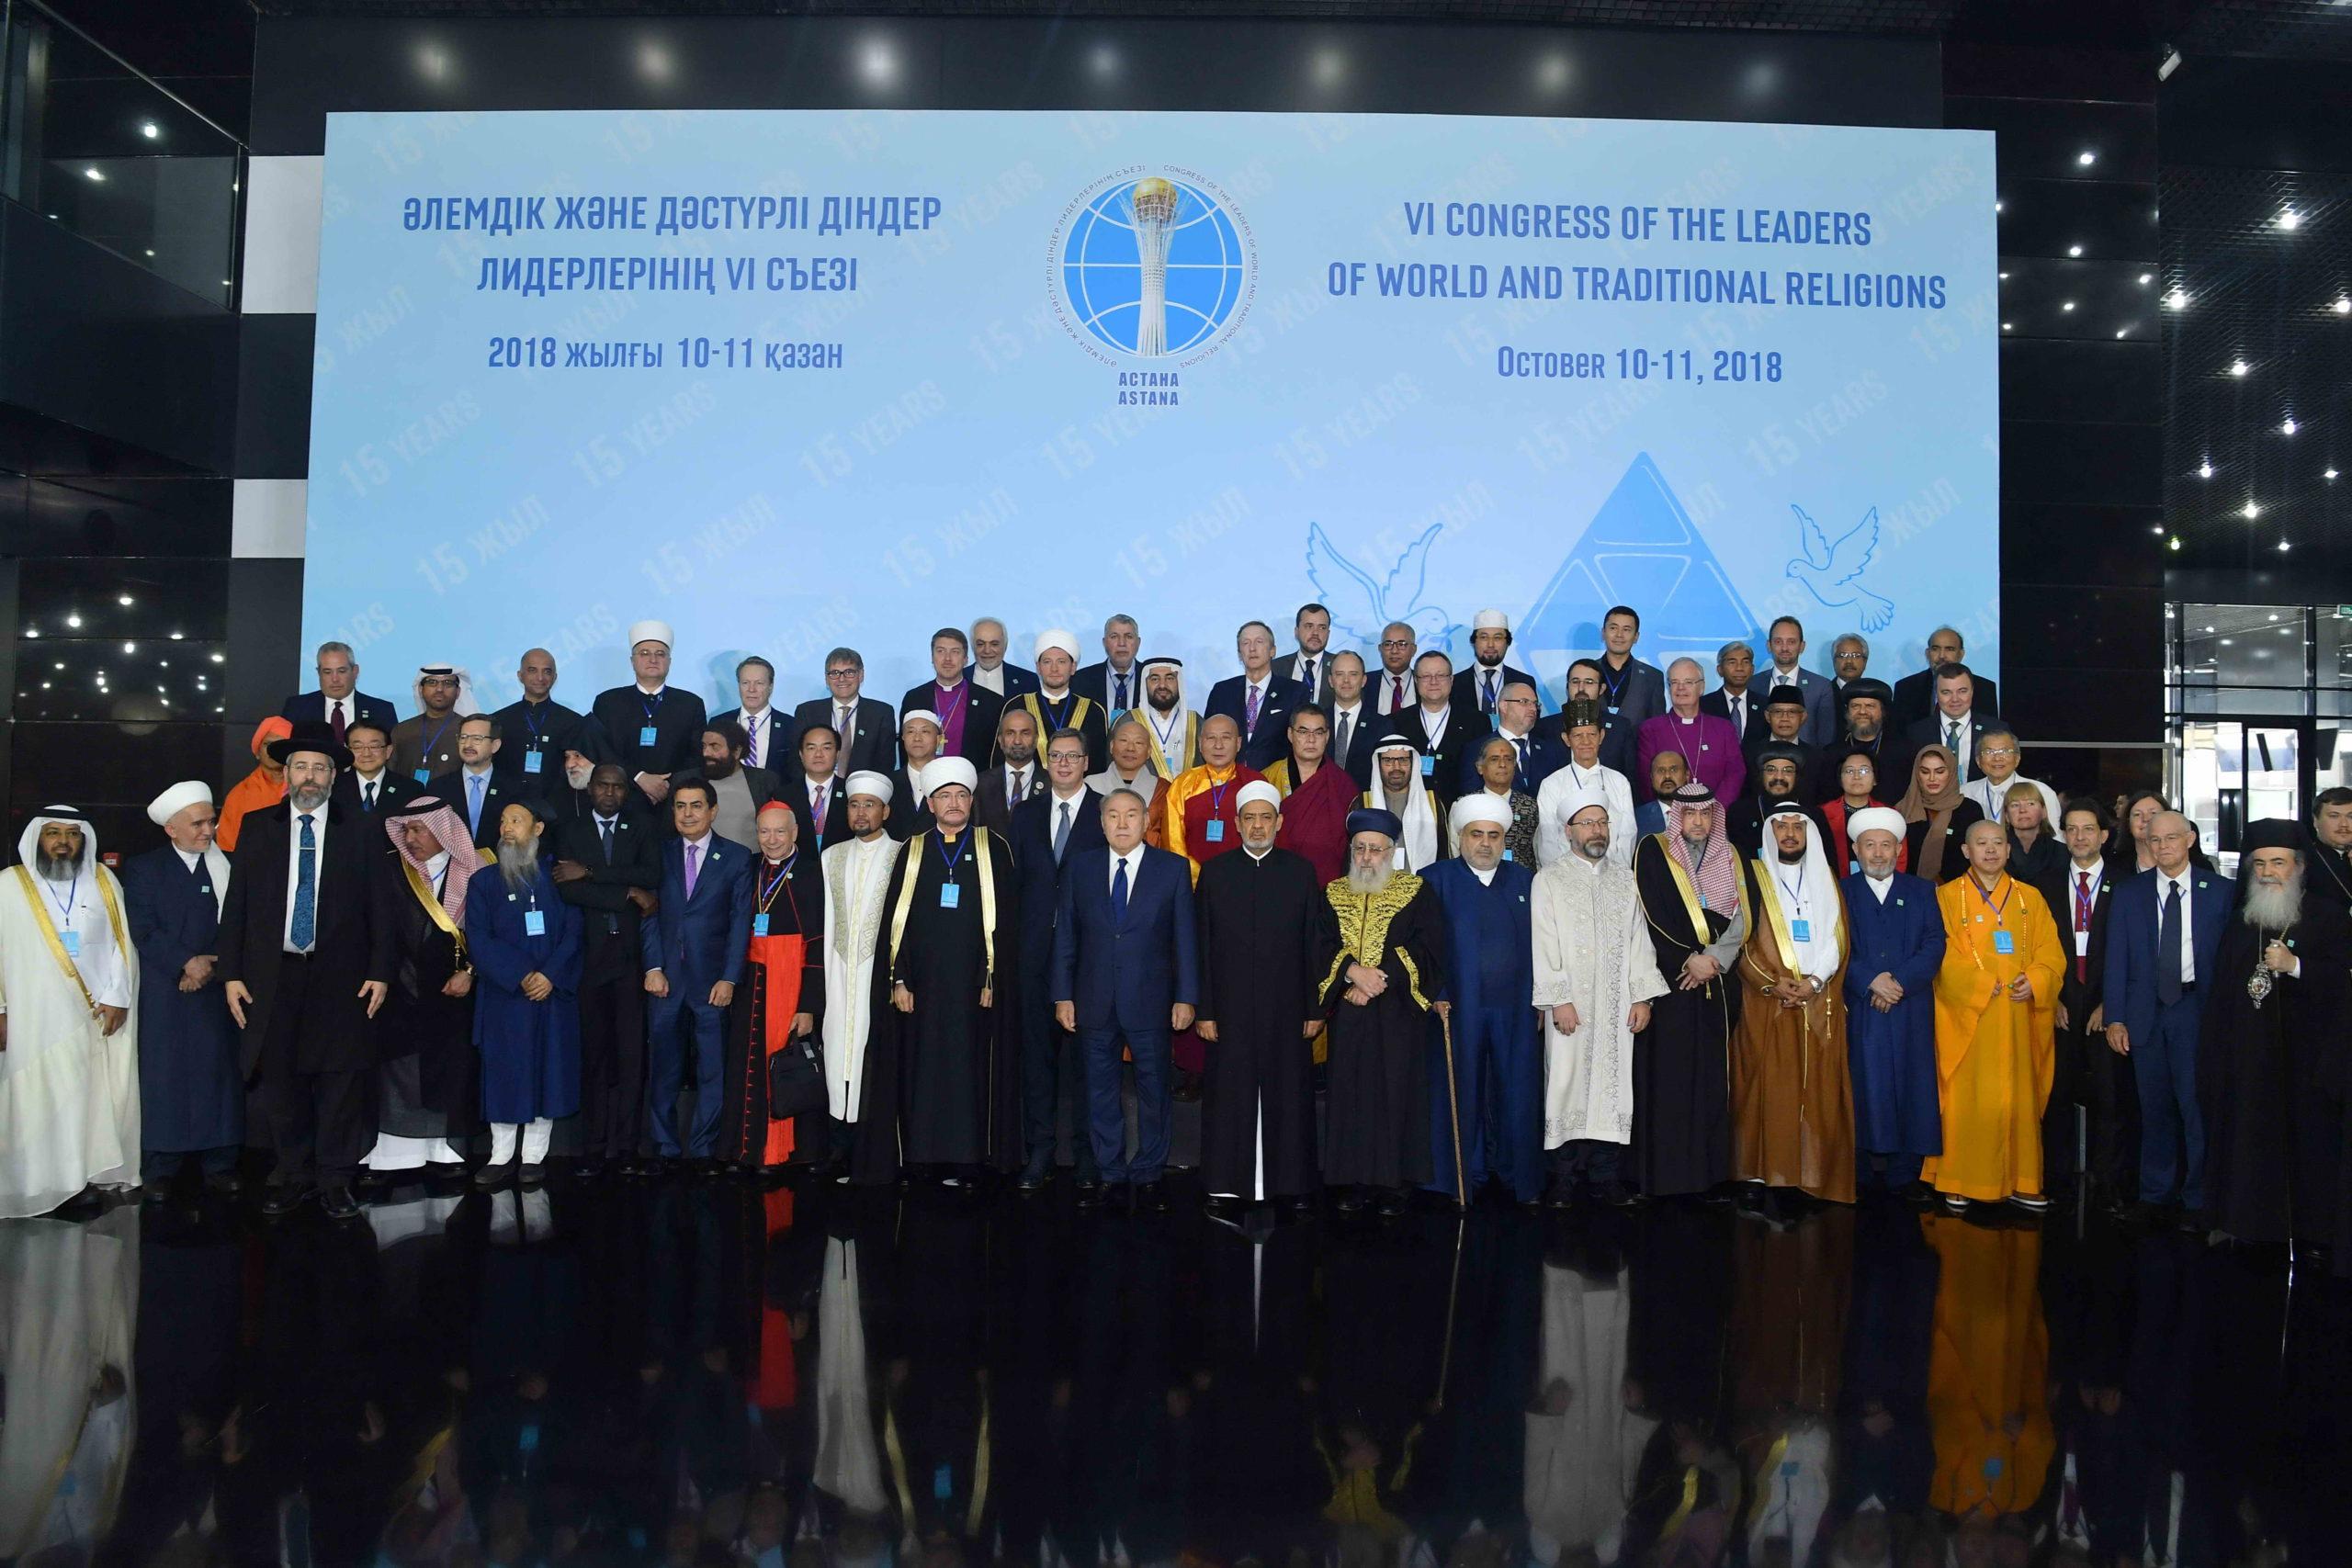 Главы делегаций 6 Съезда лидеров мировых и традиционных религий